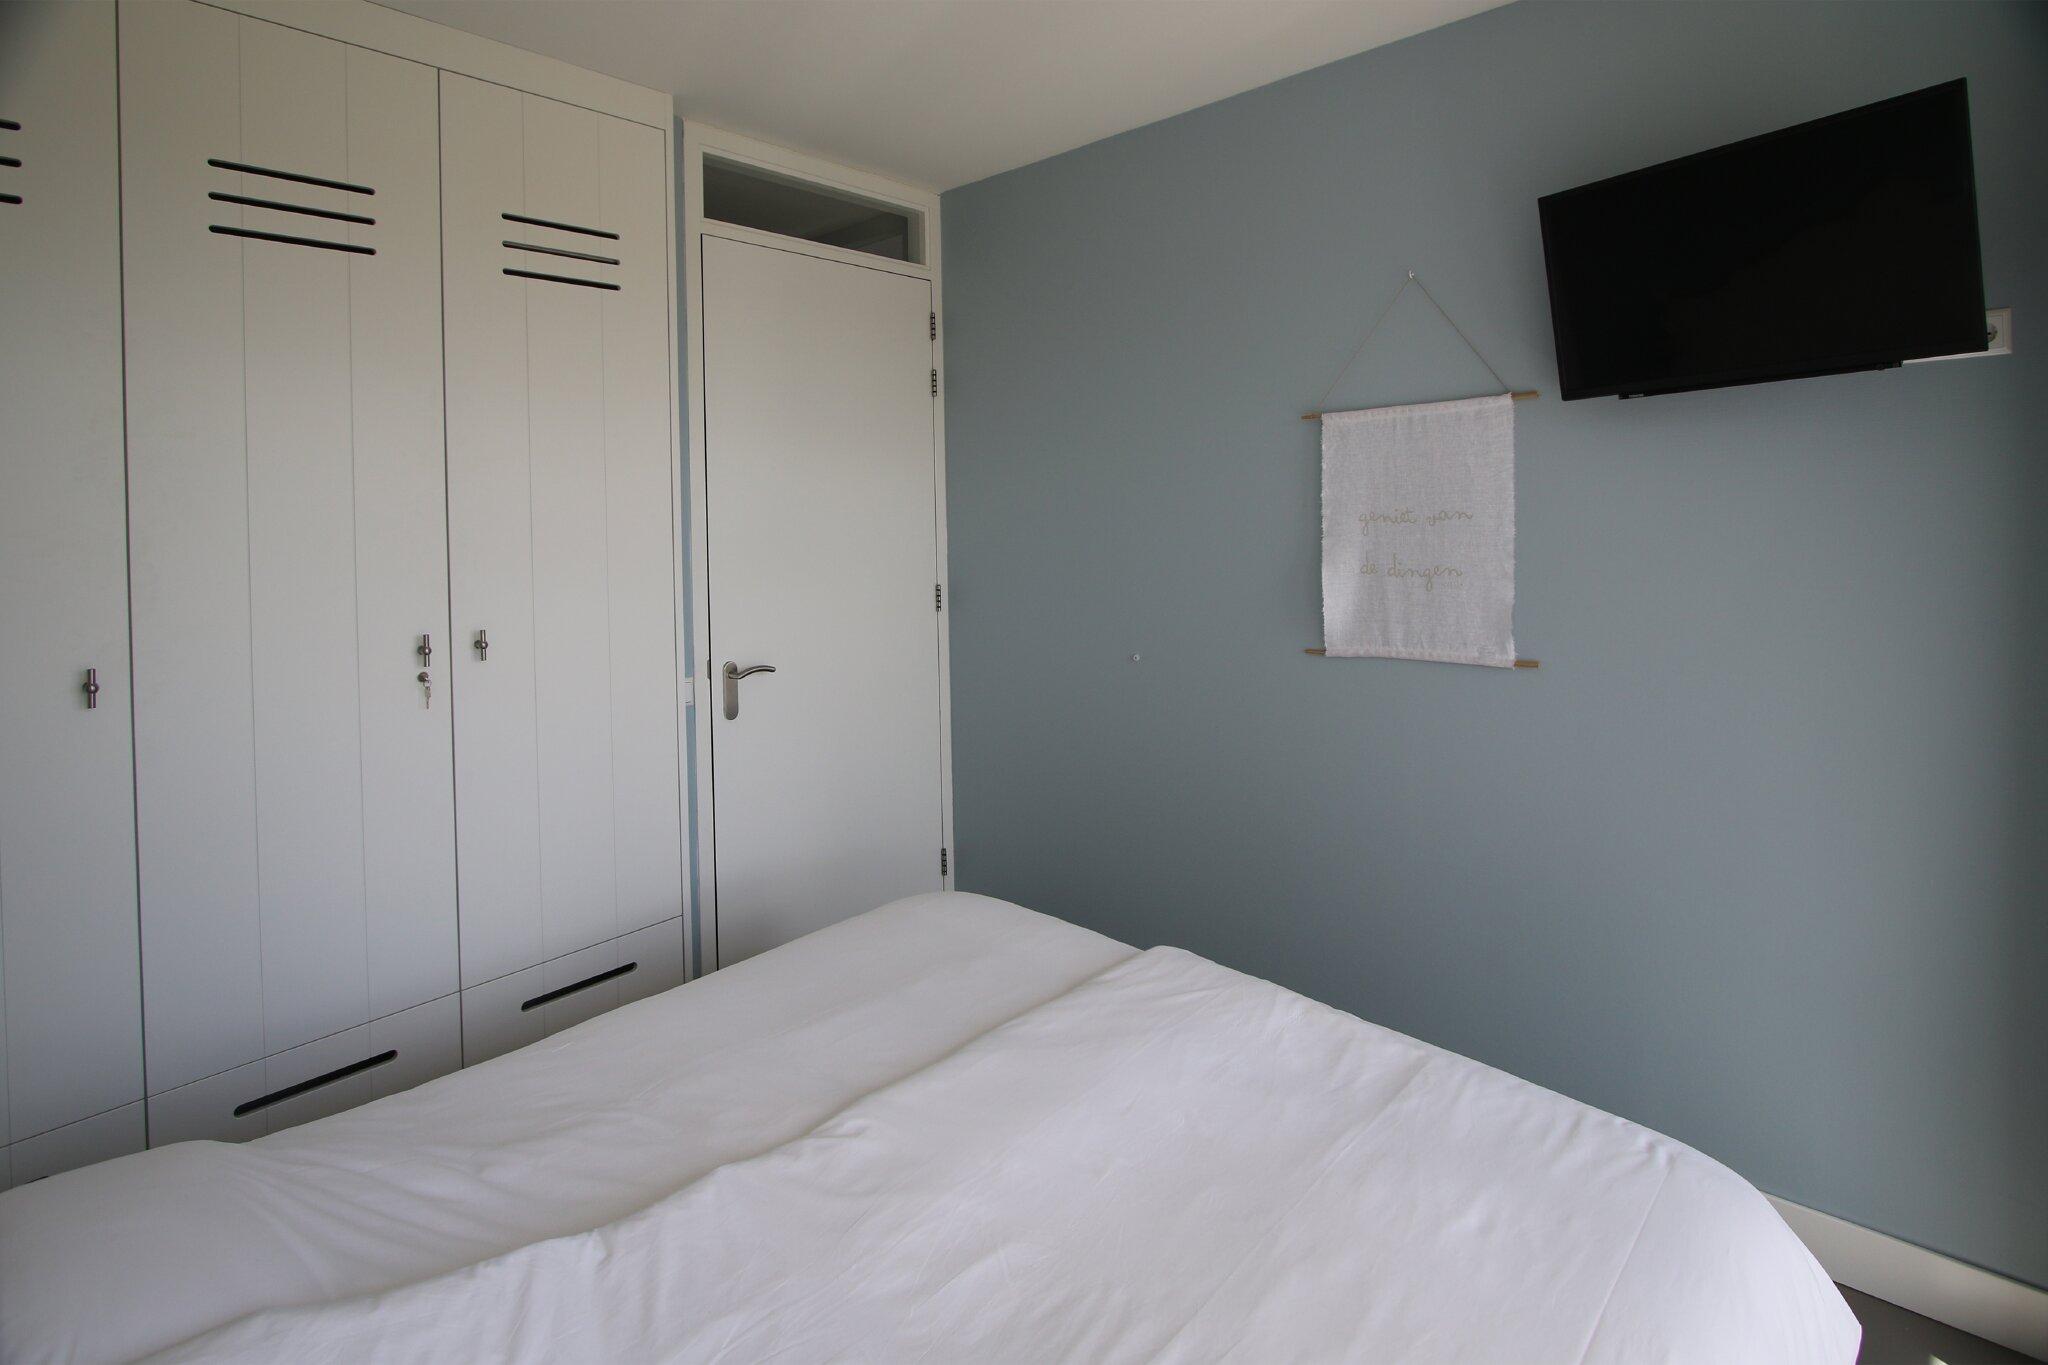 Schlafzimmer 1, doppelbett 2 x 210x90